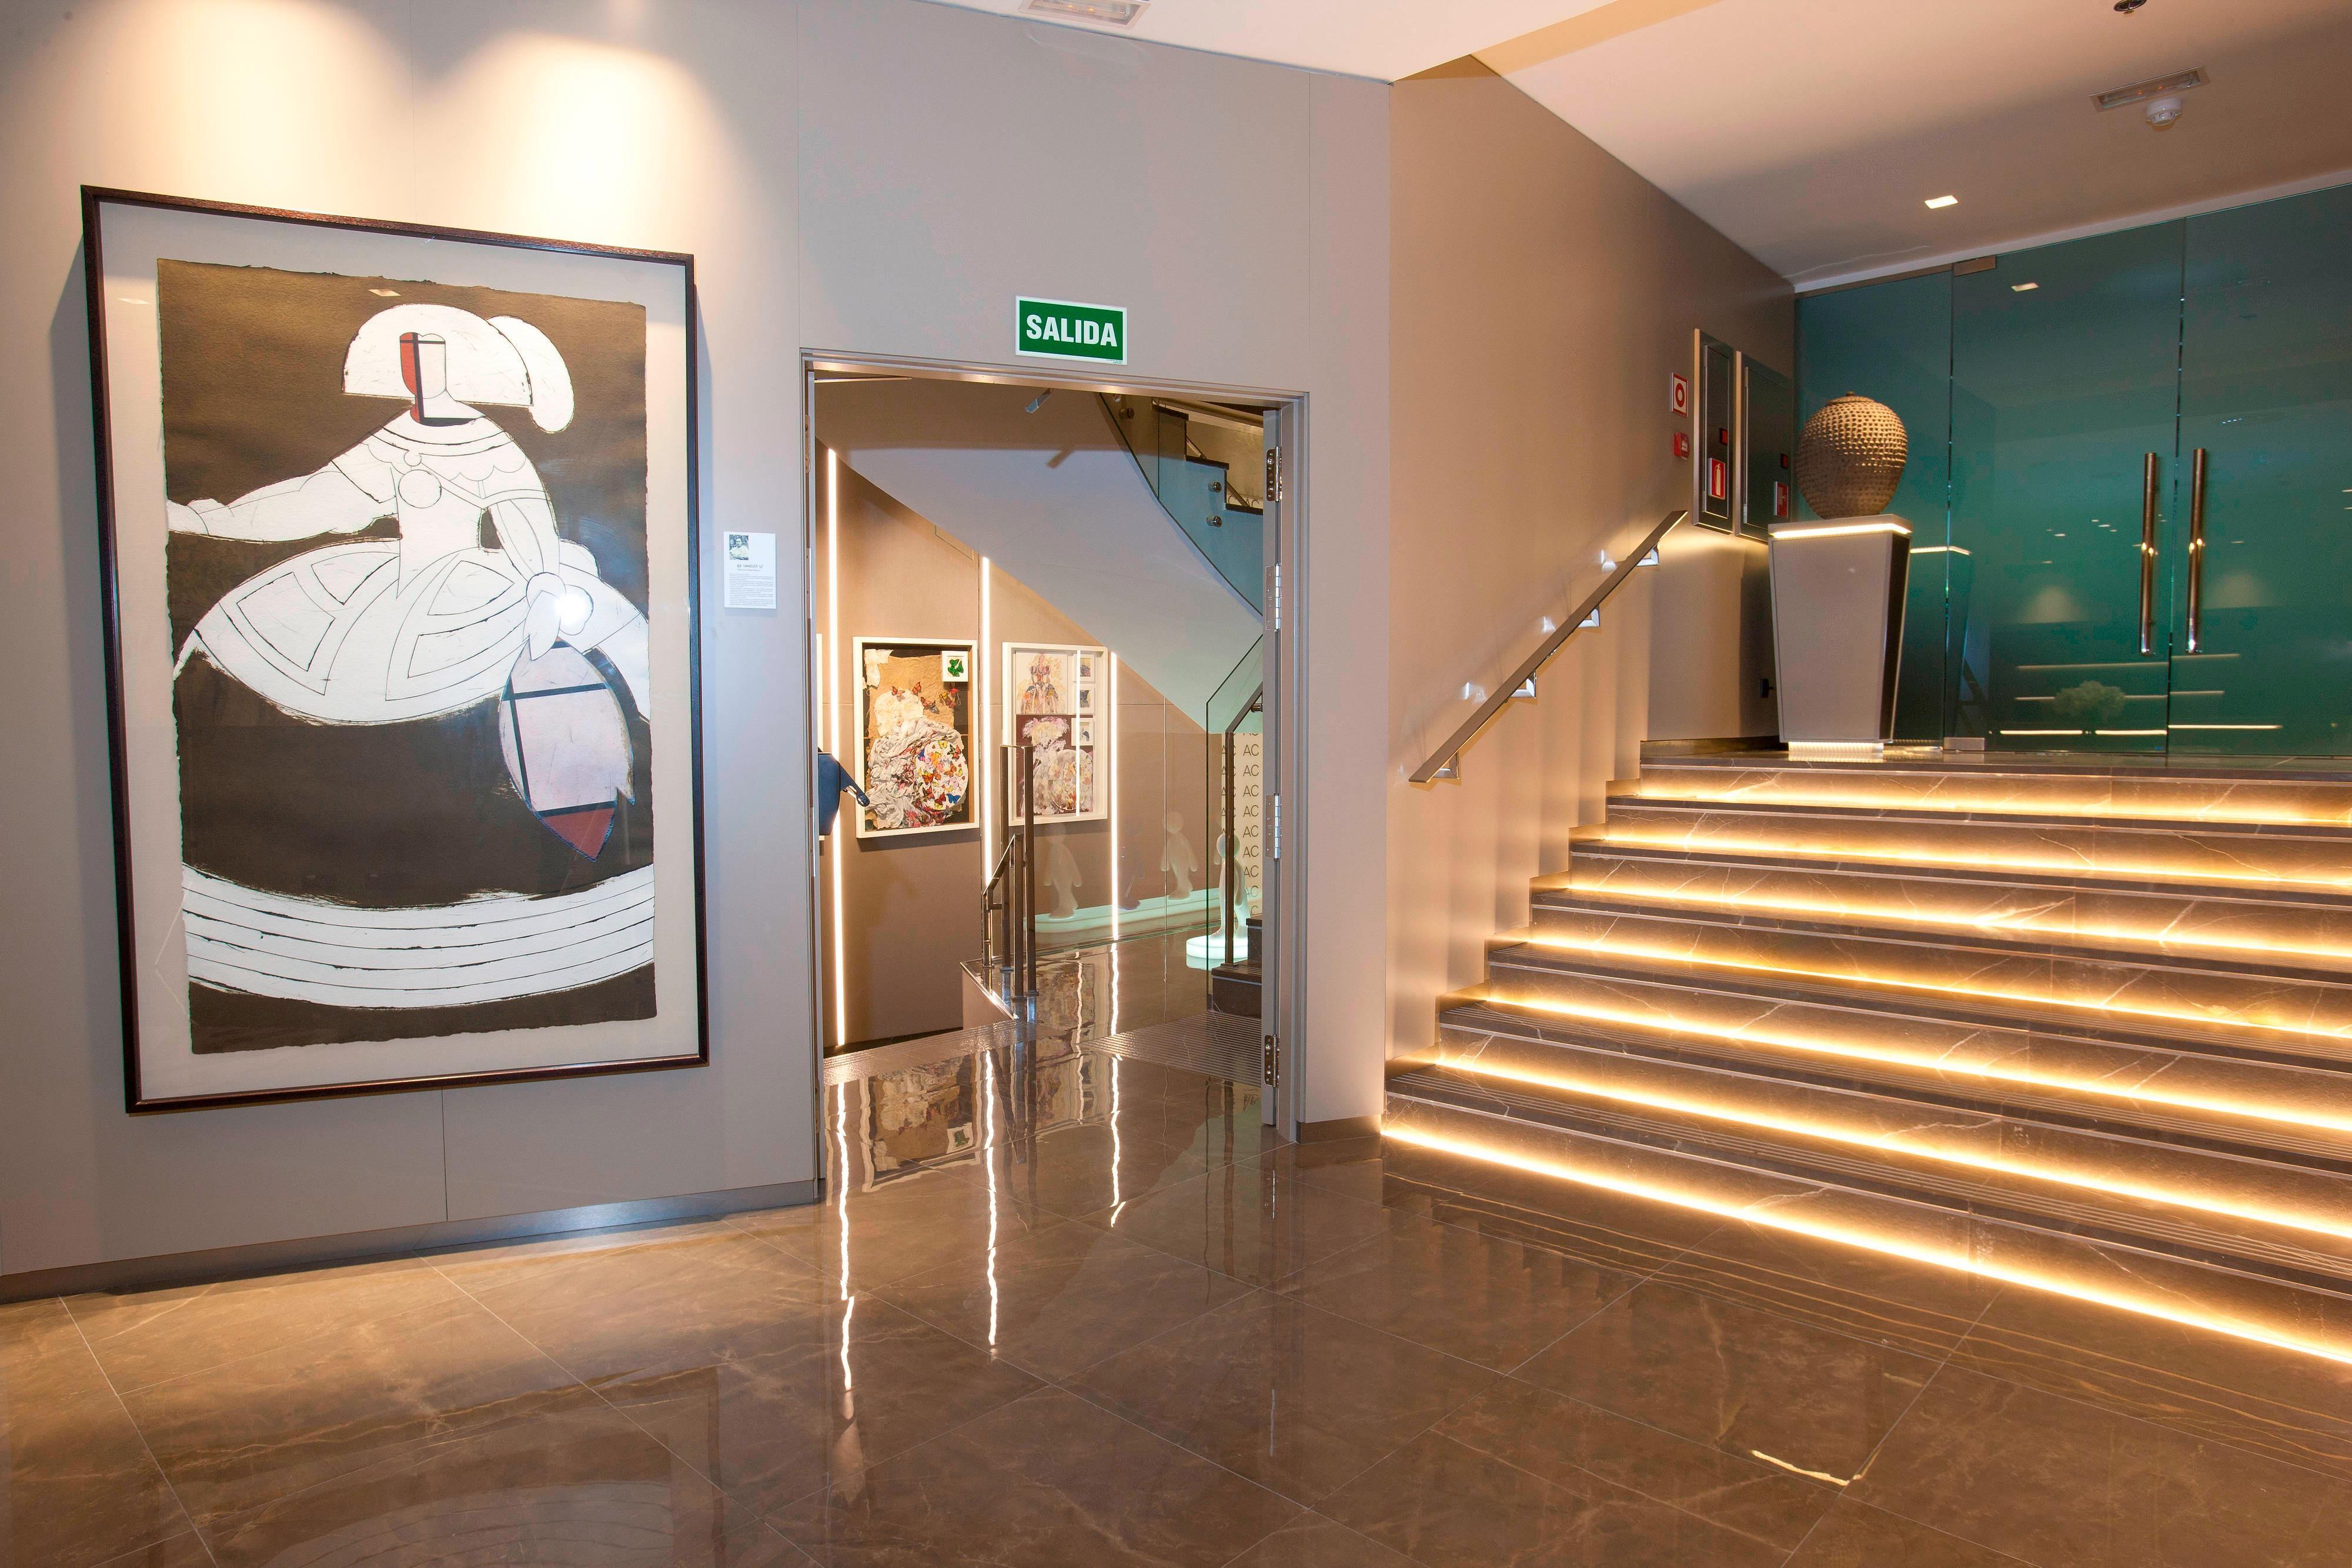 Reception in Valencia city center